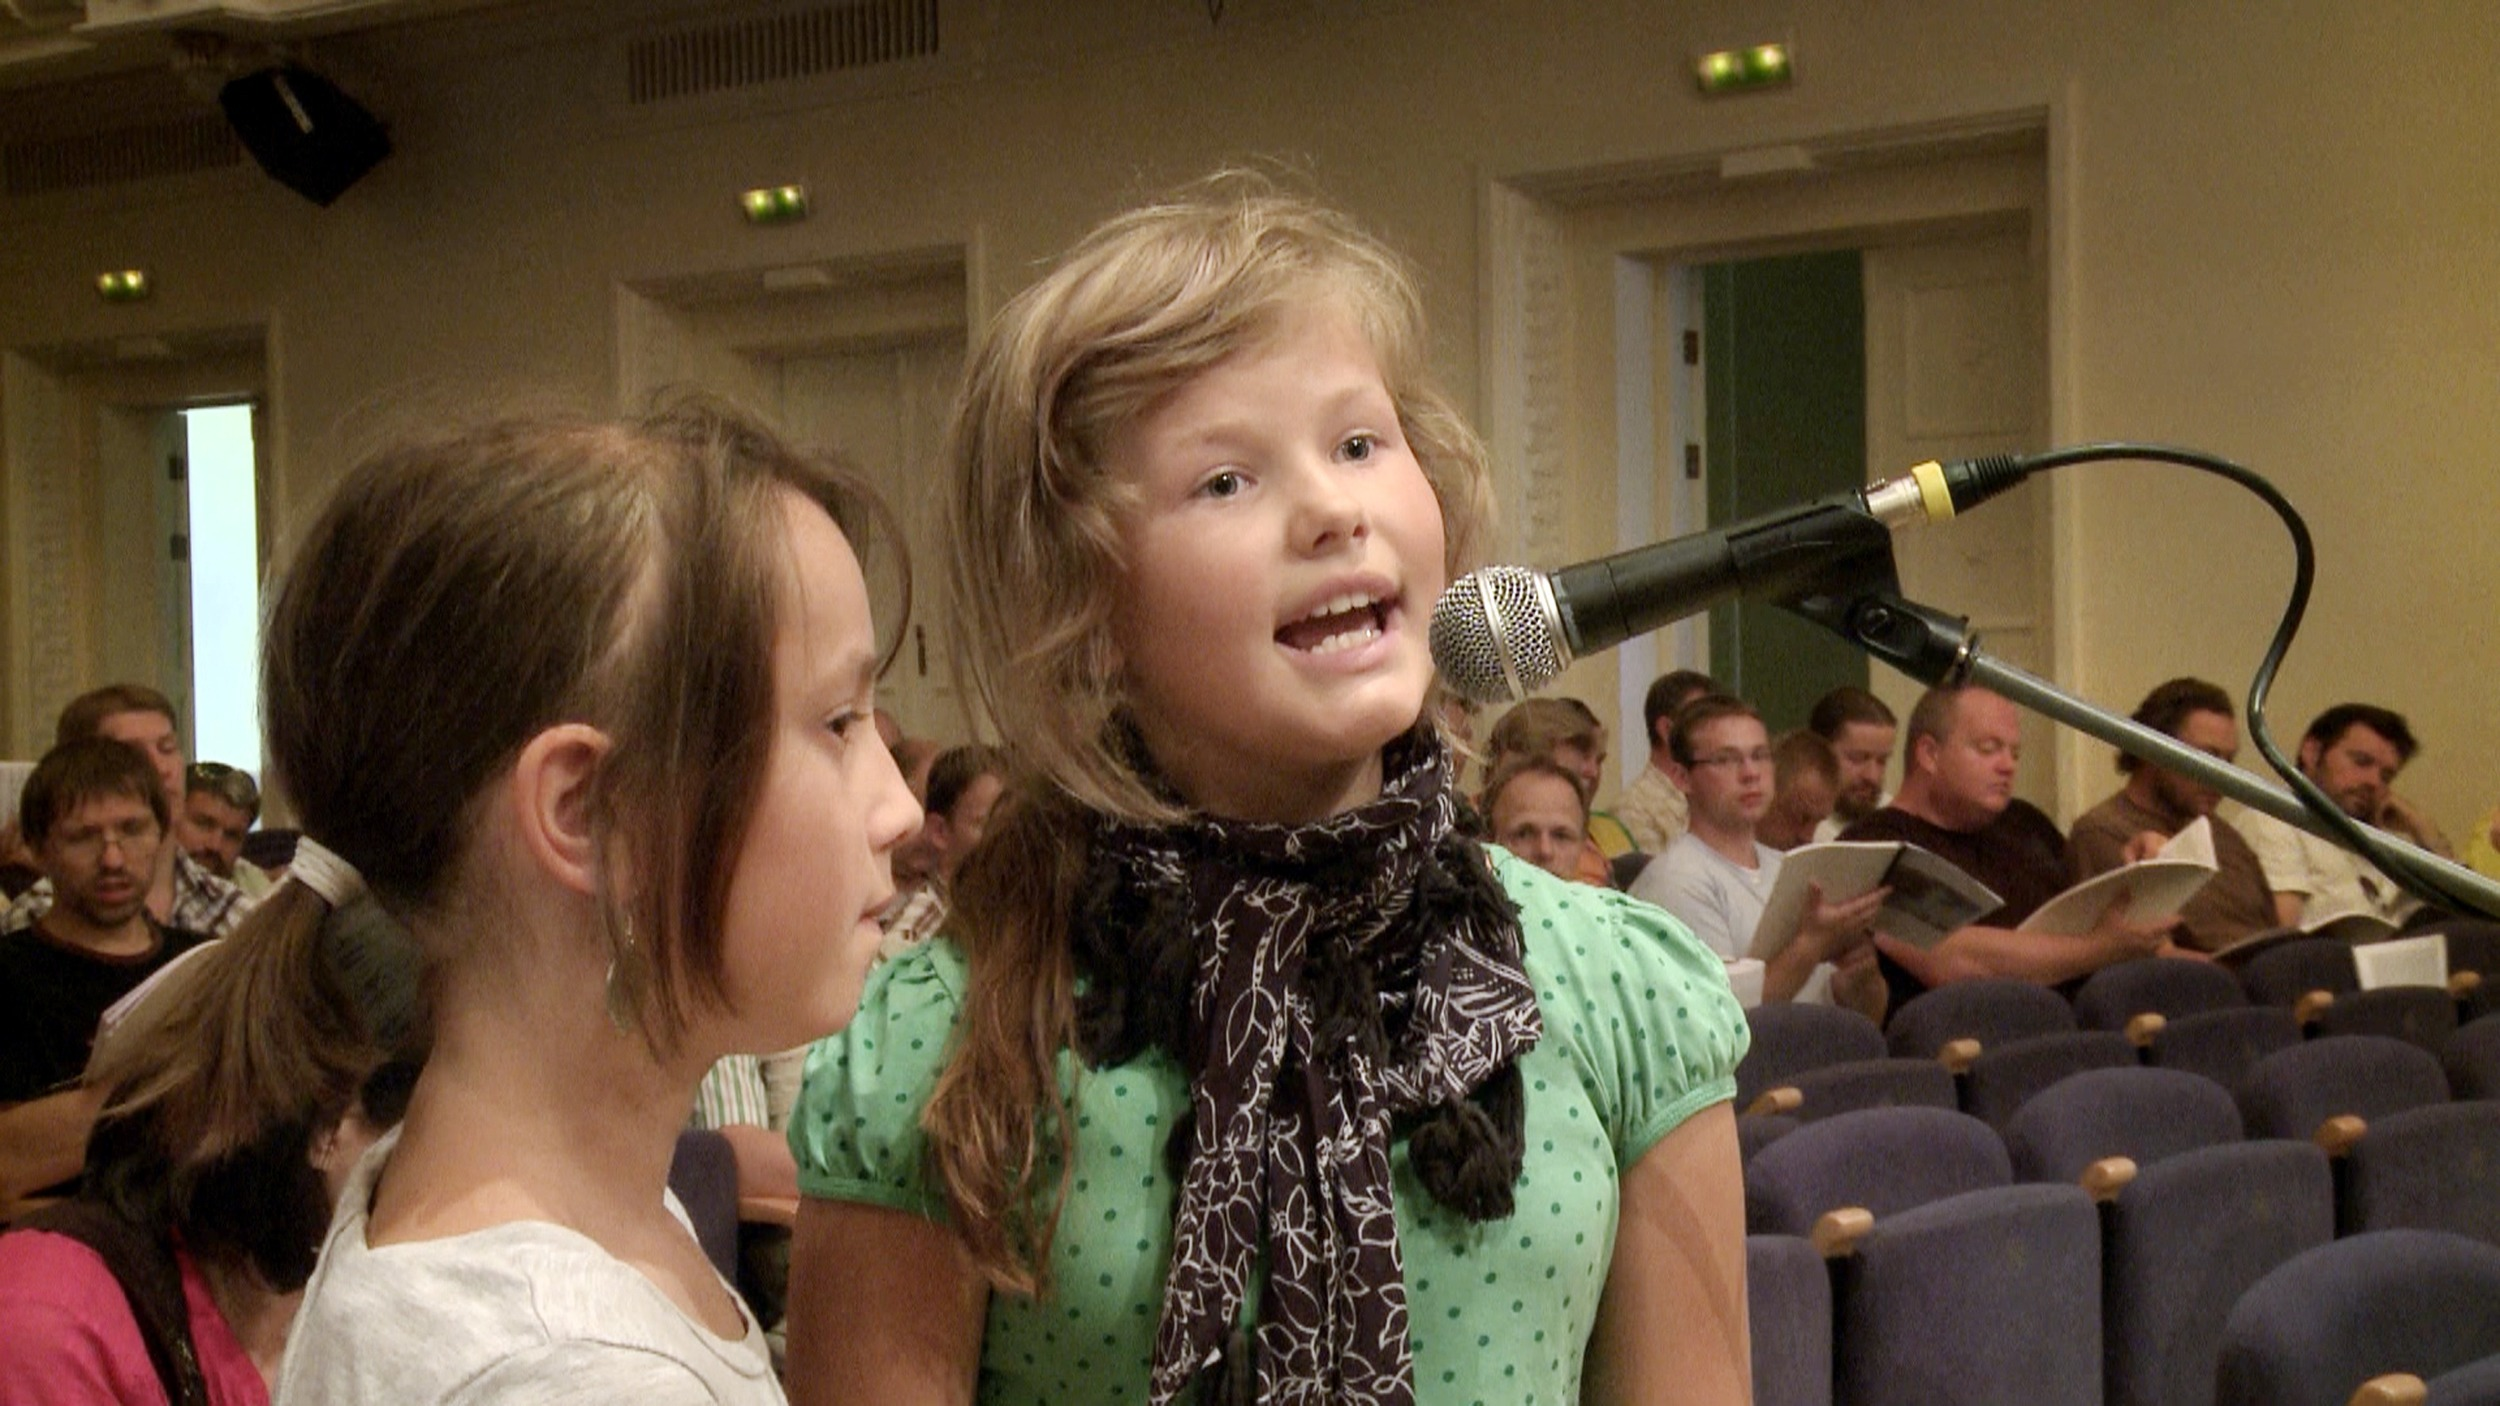 3 regilaul Mädchen singen klein.jpg